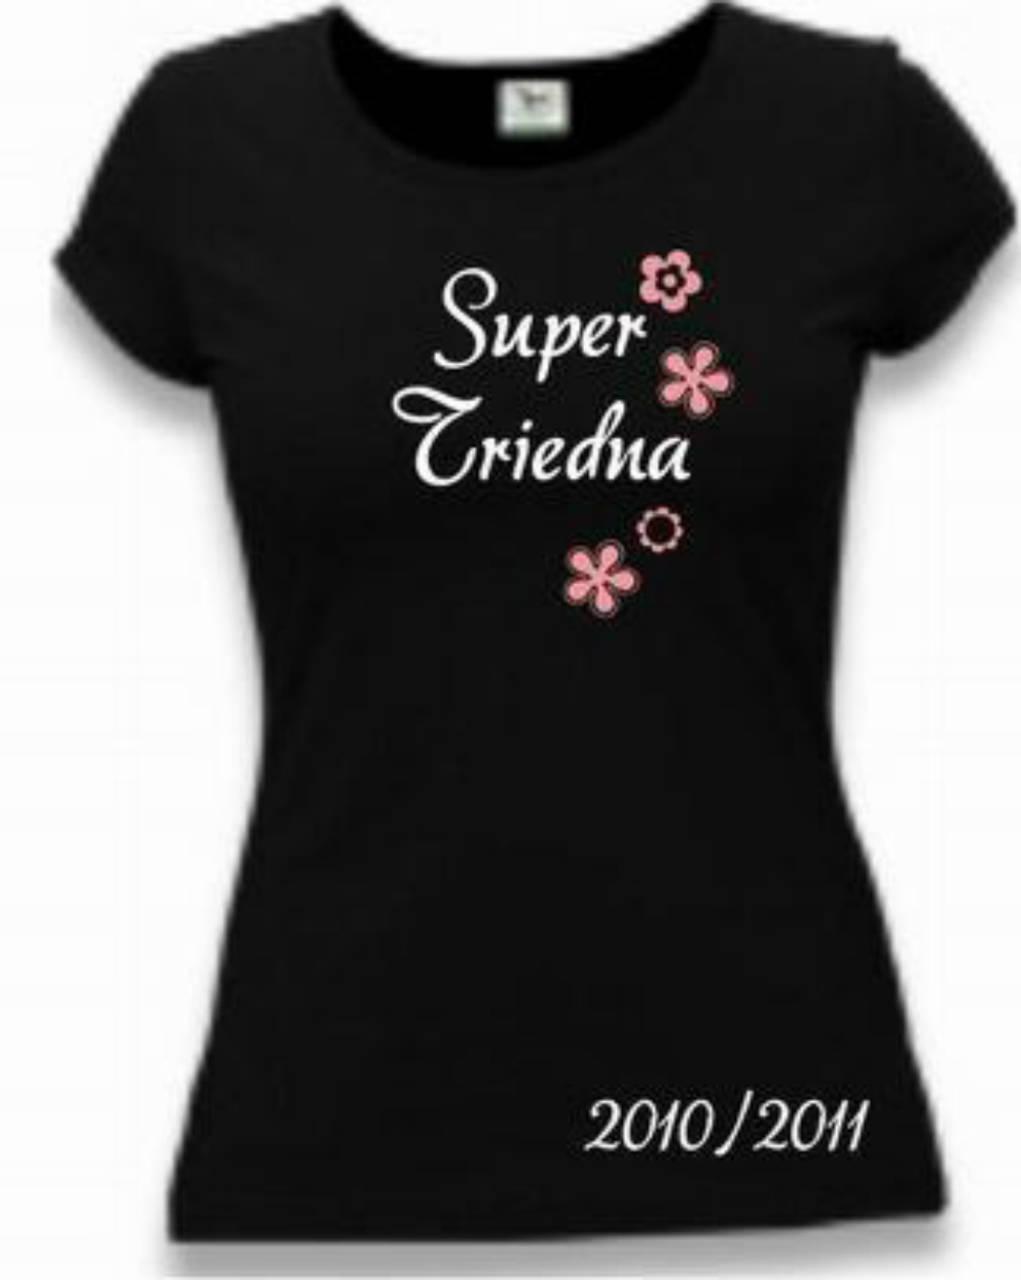 Super triedna - dámske tričko   trickoland - SAShE.sk - Handmade Tričká 0a1bdb5f6e9